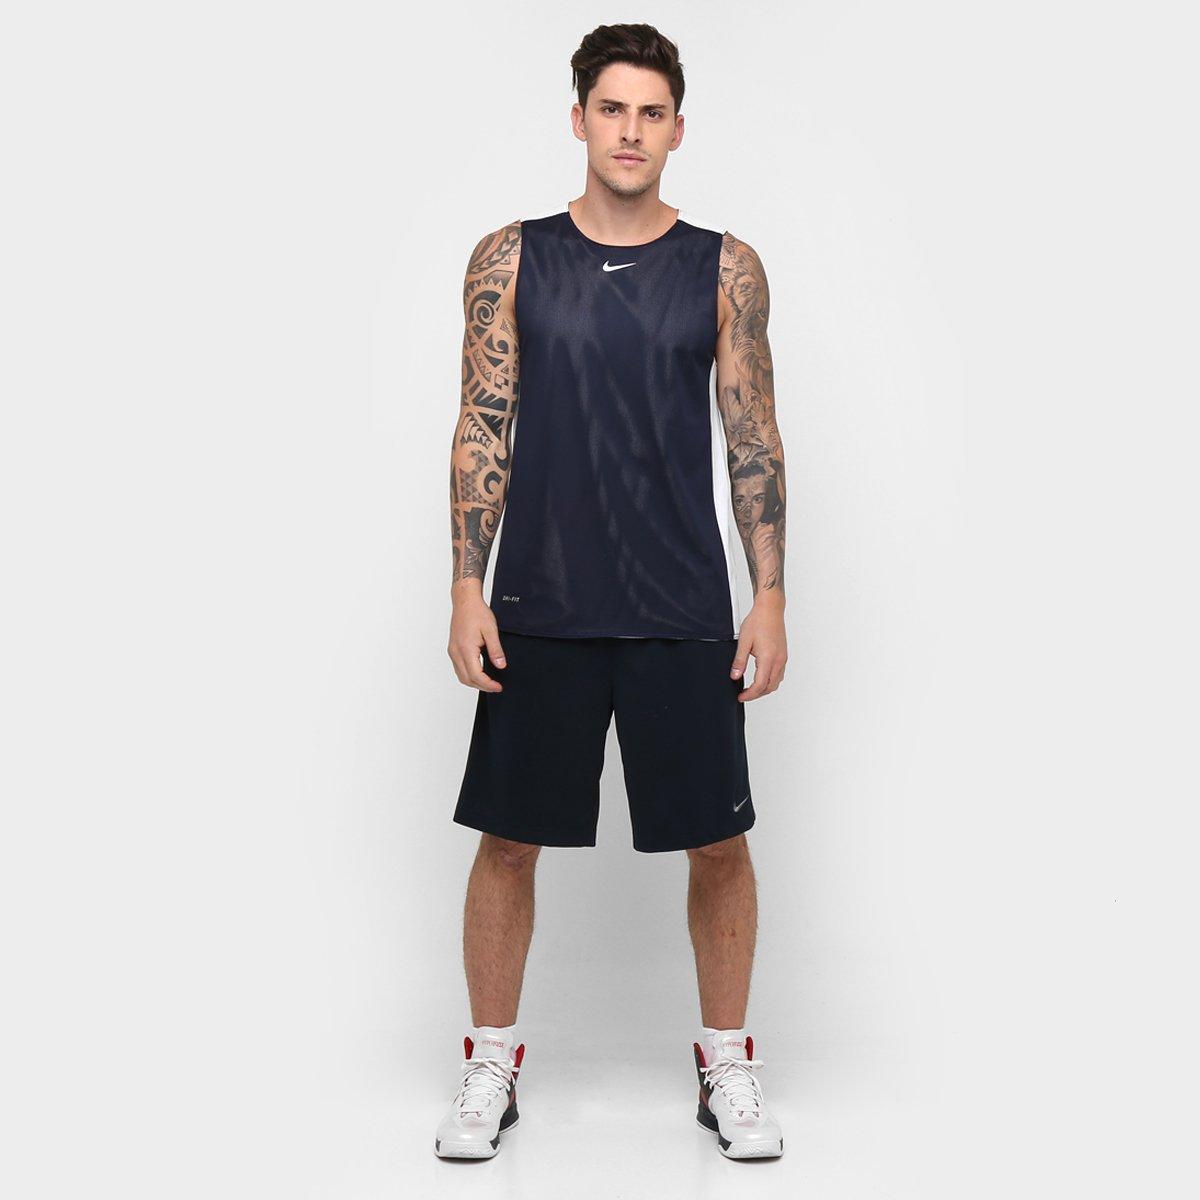 Camiseta Regata Nike League Reversível - Compre Agora  afe9edf07823e